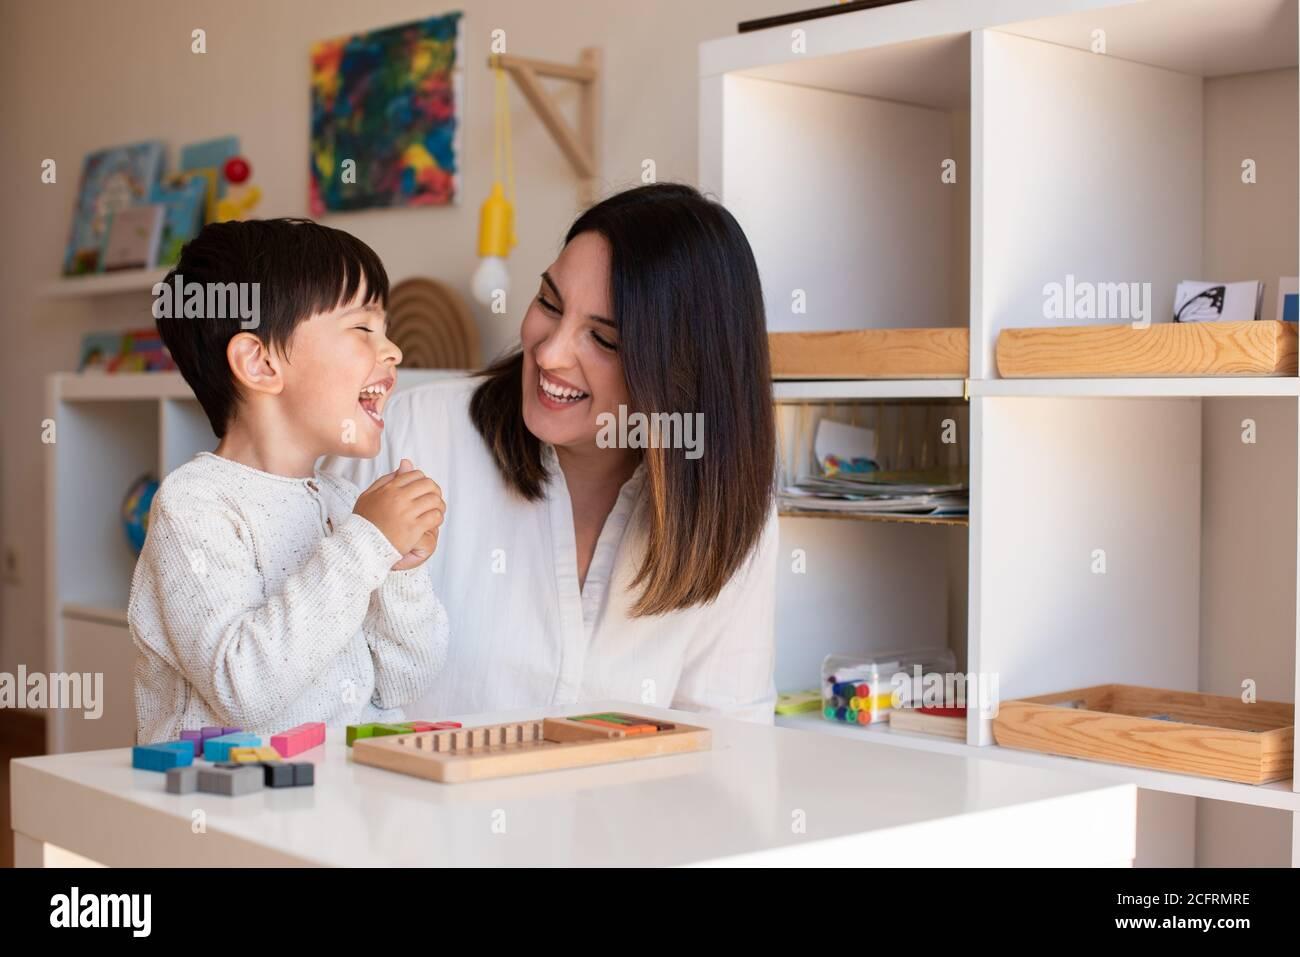 Lillte Kid jugando con un rompecabezas de madera de tetris y ayuda de madre o maestro. Resolución de problemas en casa. Comunidad de aprendizaje. Escuela Montessori Foto de stock